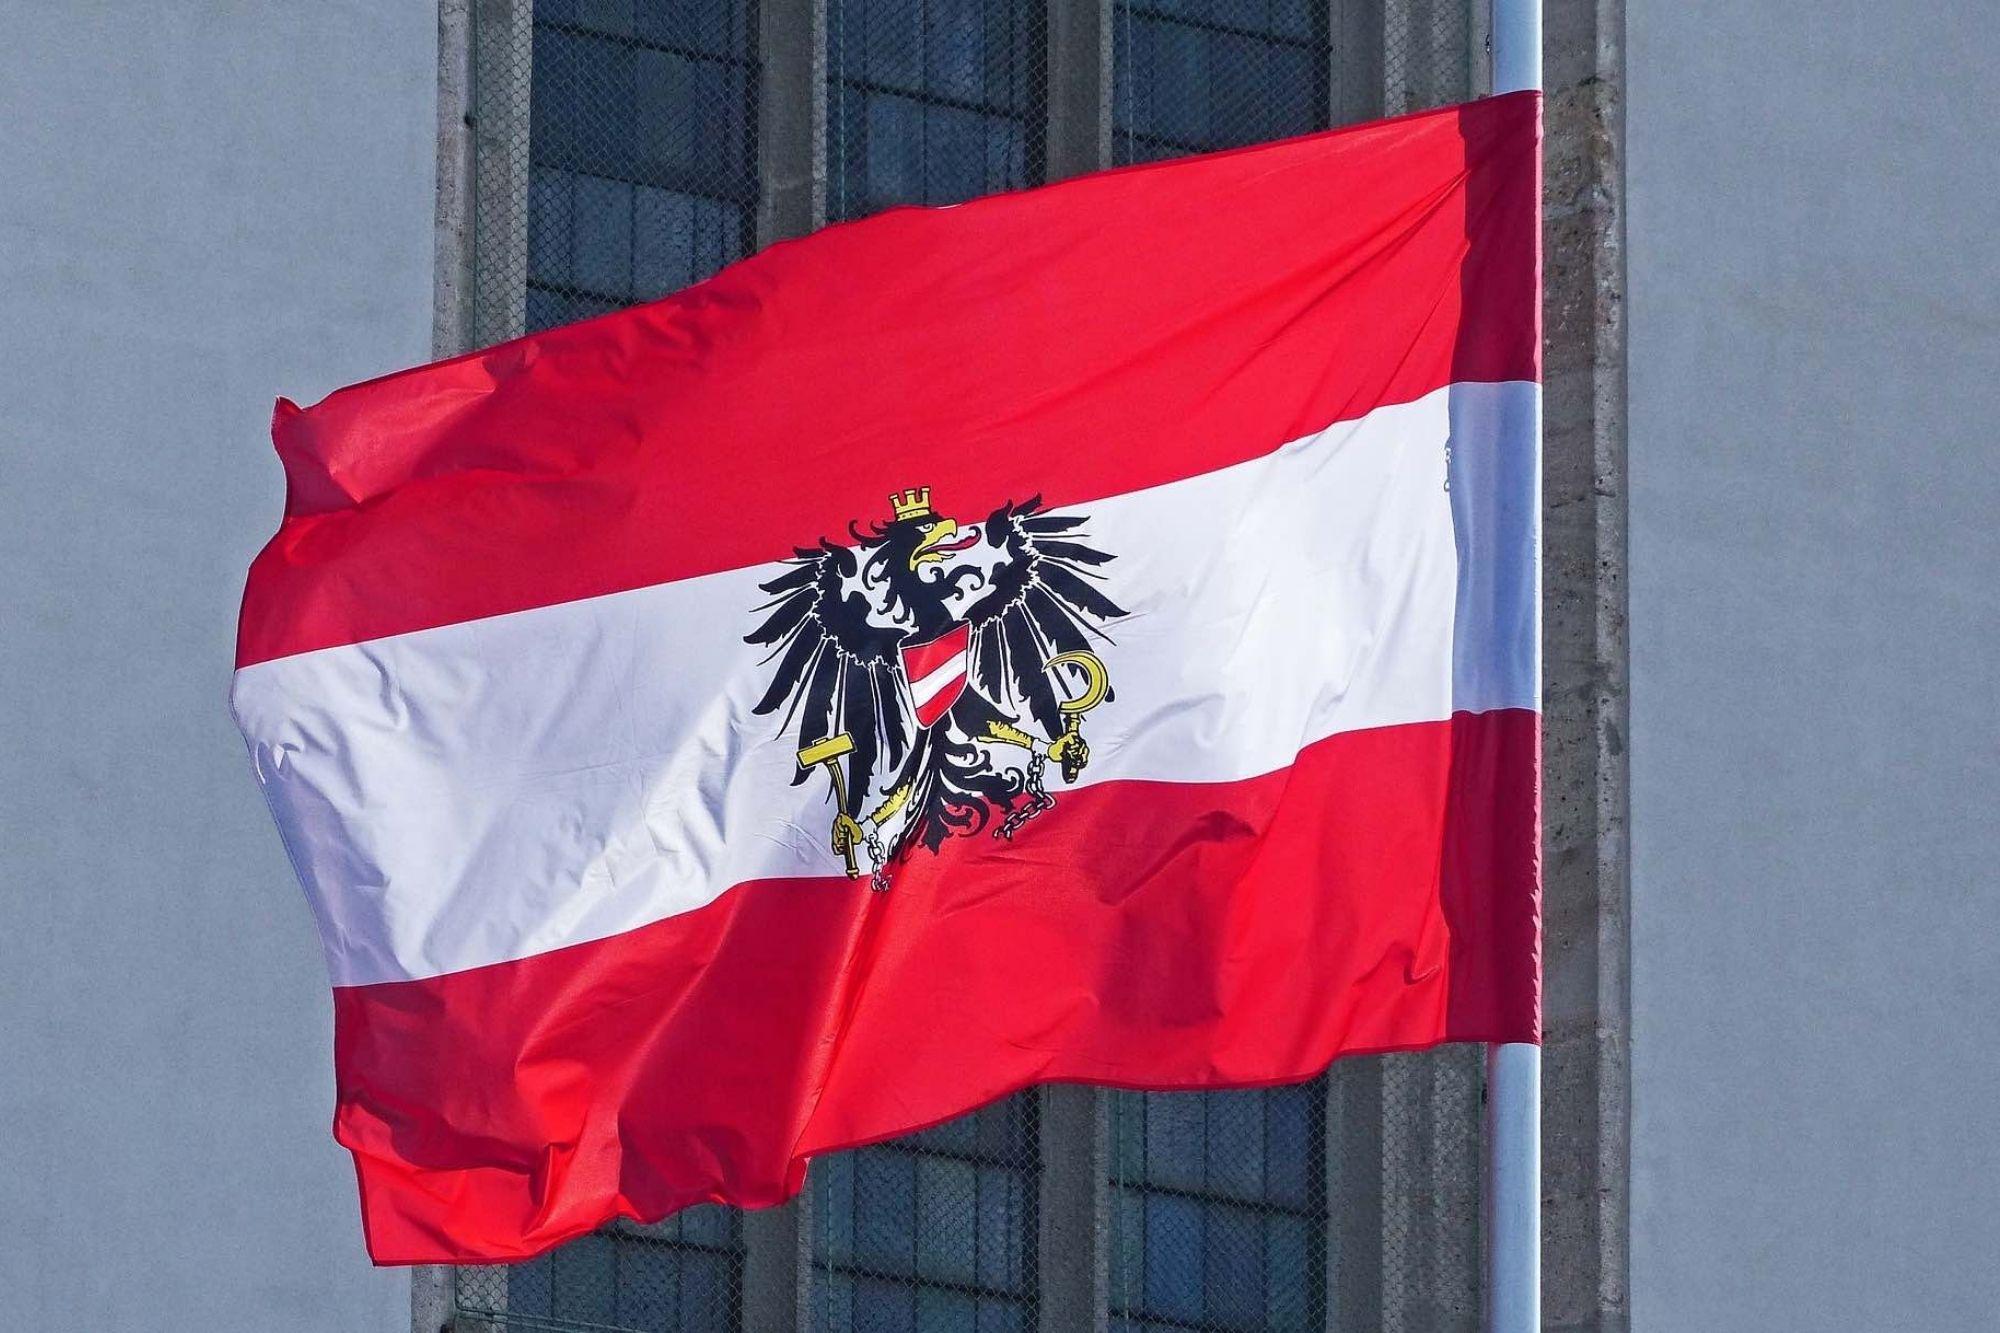 Donau: Weite Teile Österreichs keine Risikogebiete mehr